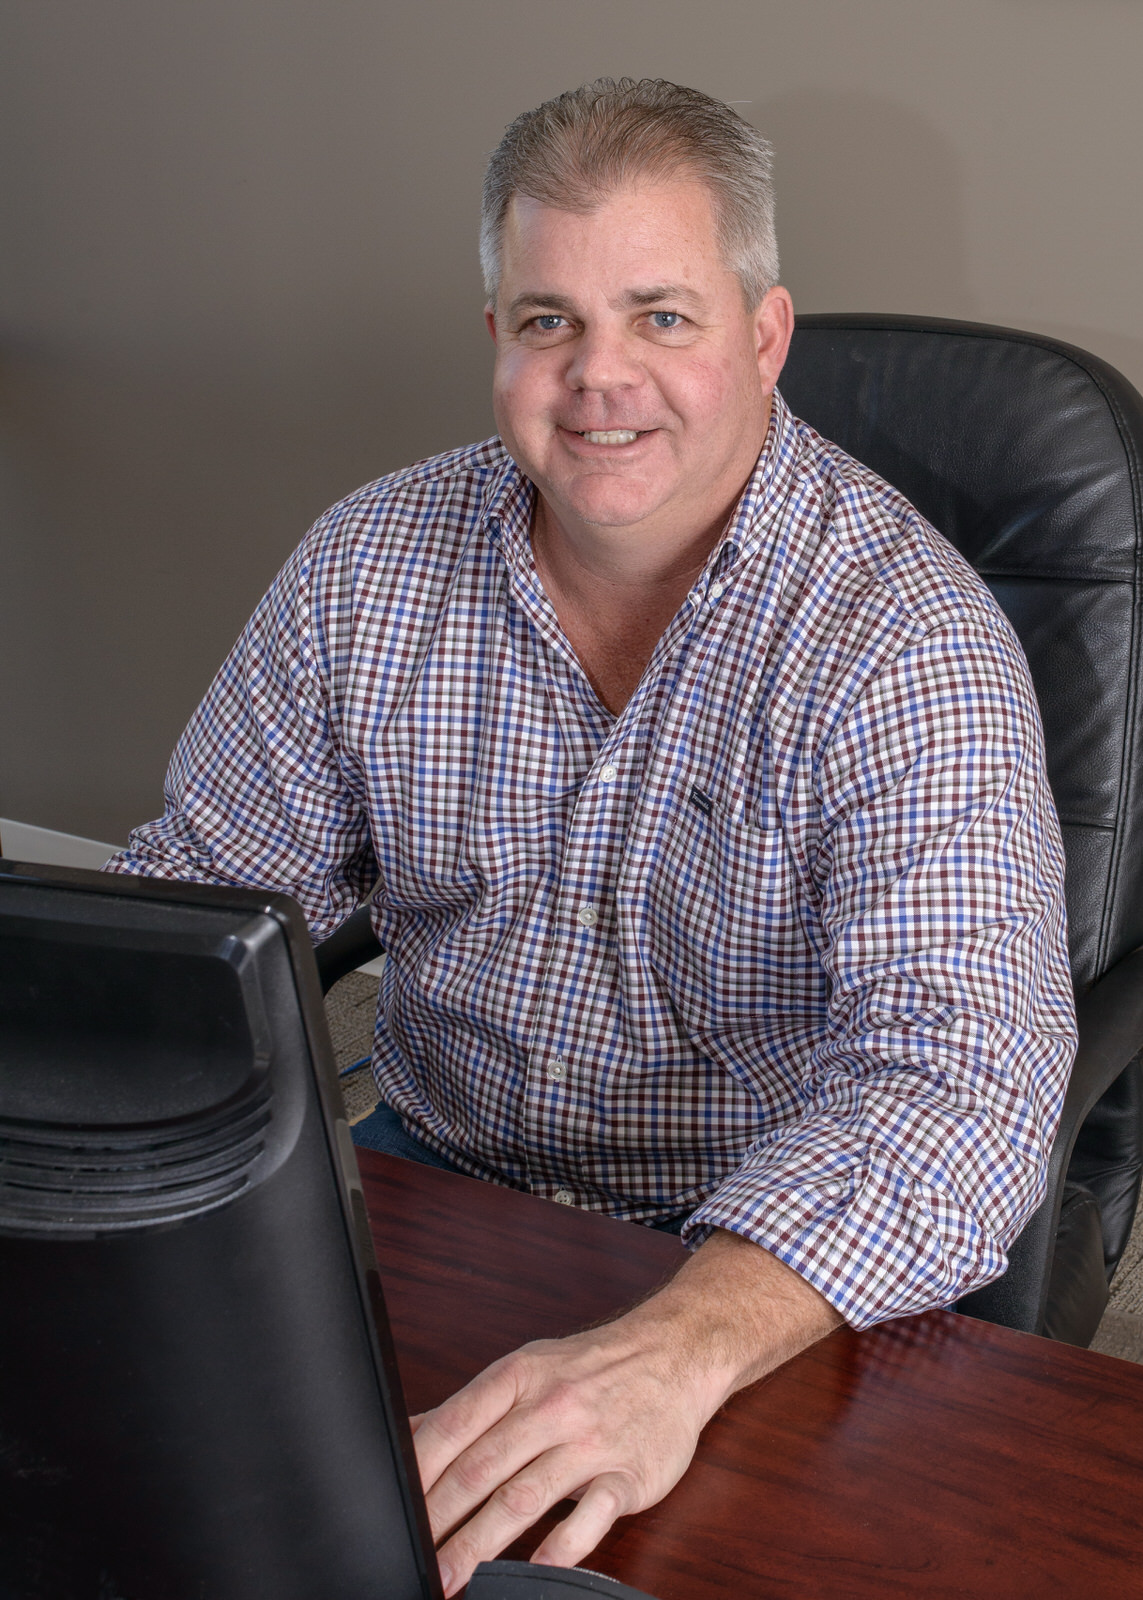 Shawn Osborne